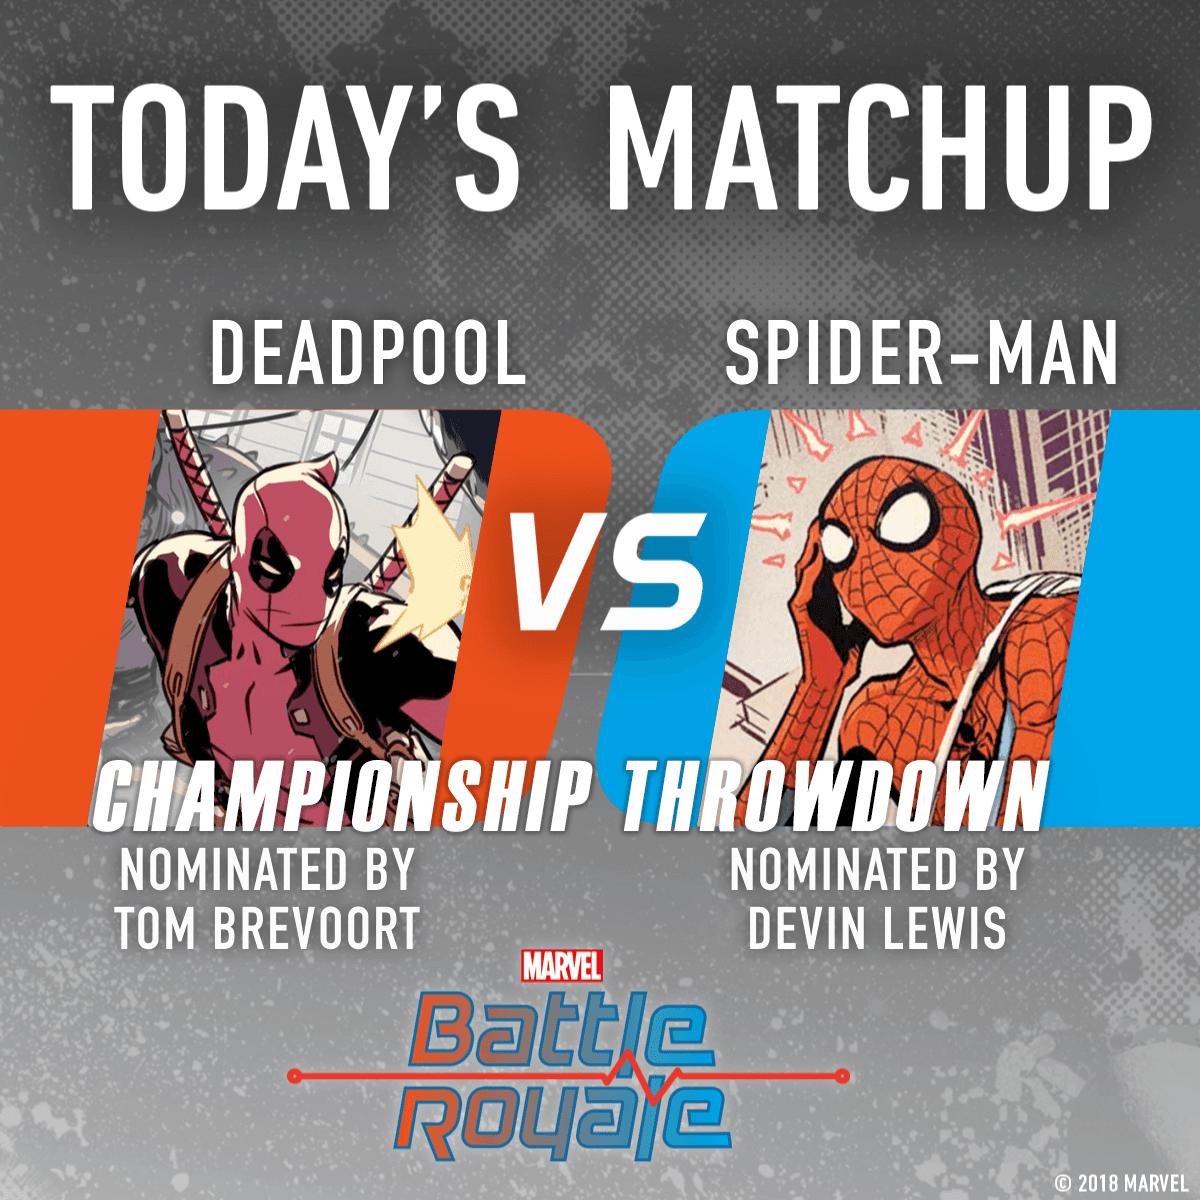 Deadpool vs. Spider-Man